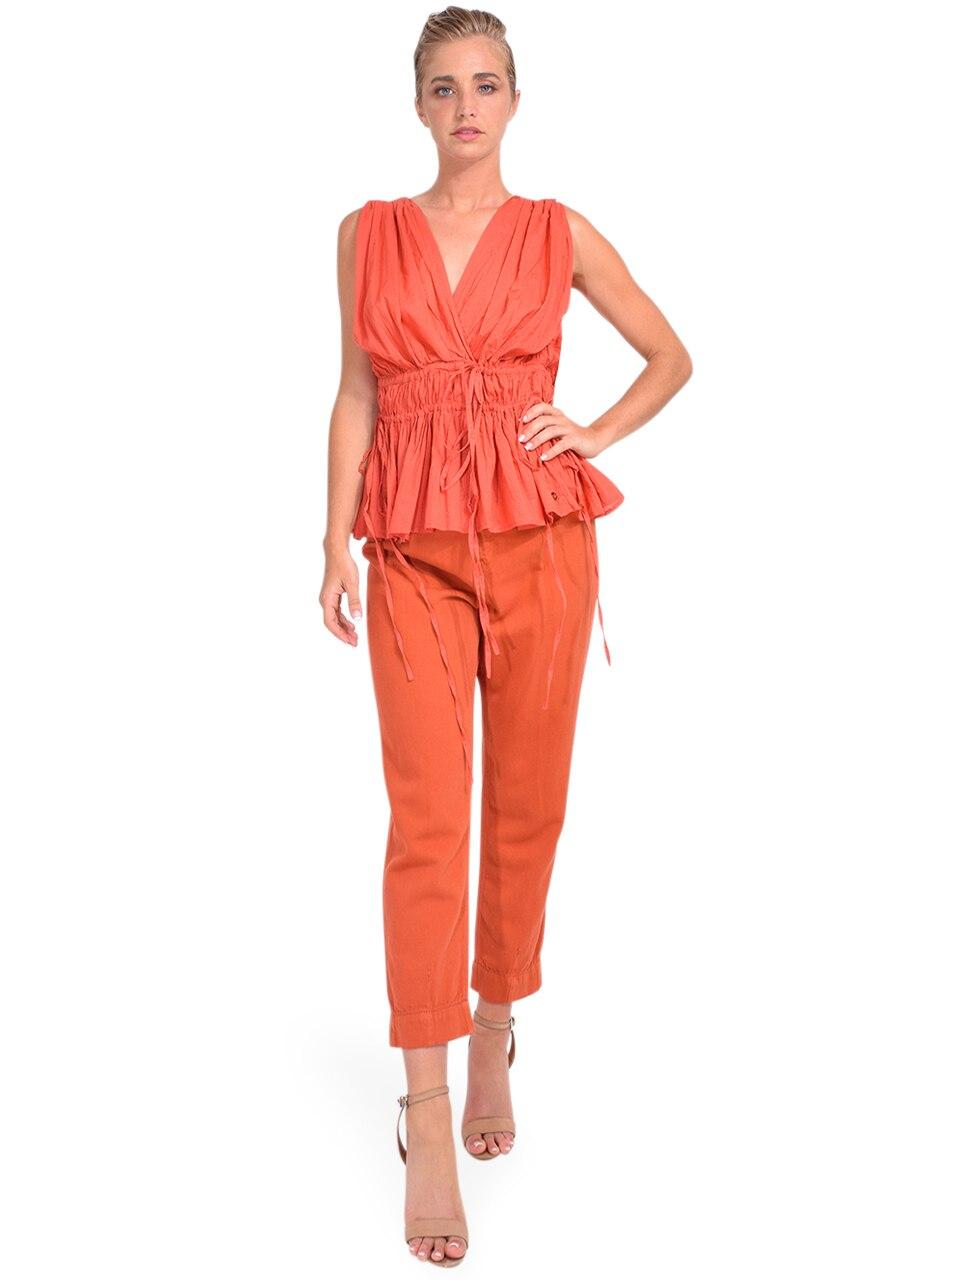 Bellerose Pleaty Jeans in Terracotta Full Outfit